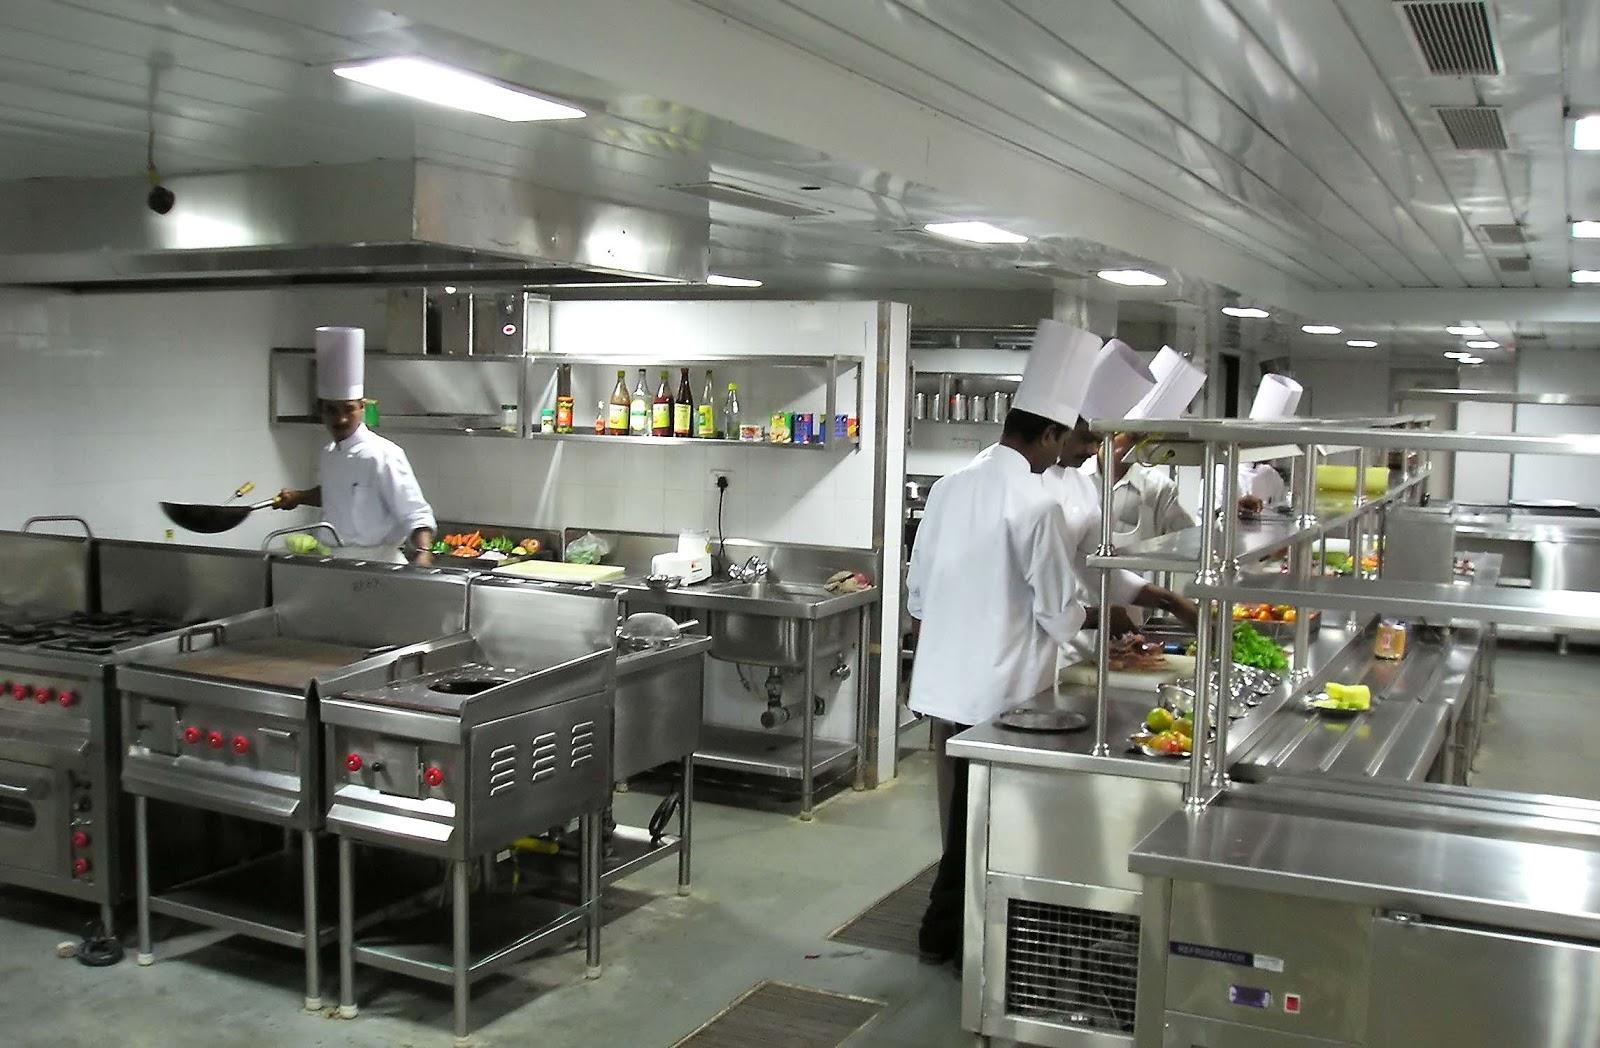 Equipamentos Padarias E Cozinhas Industriais 2011 08 07